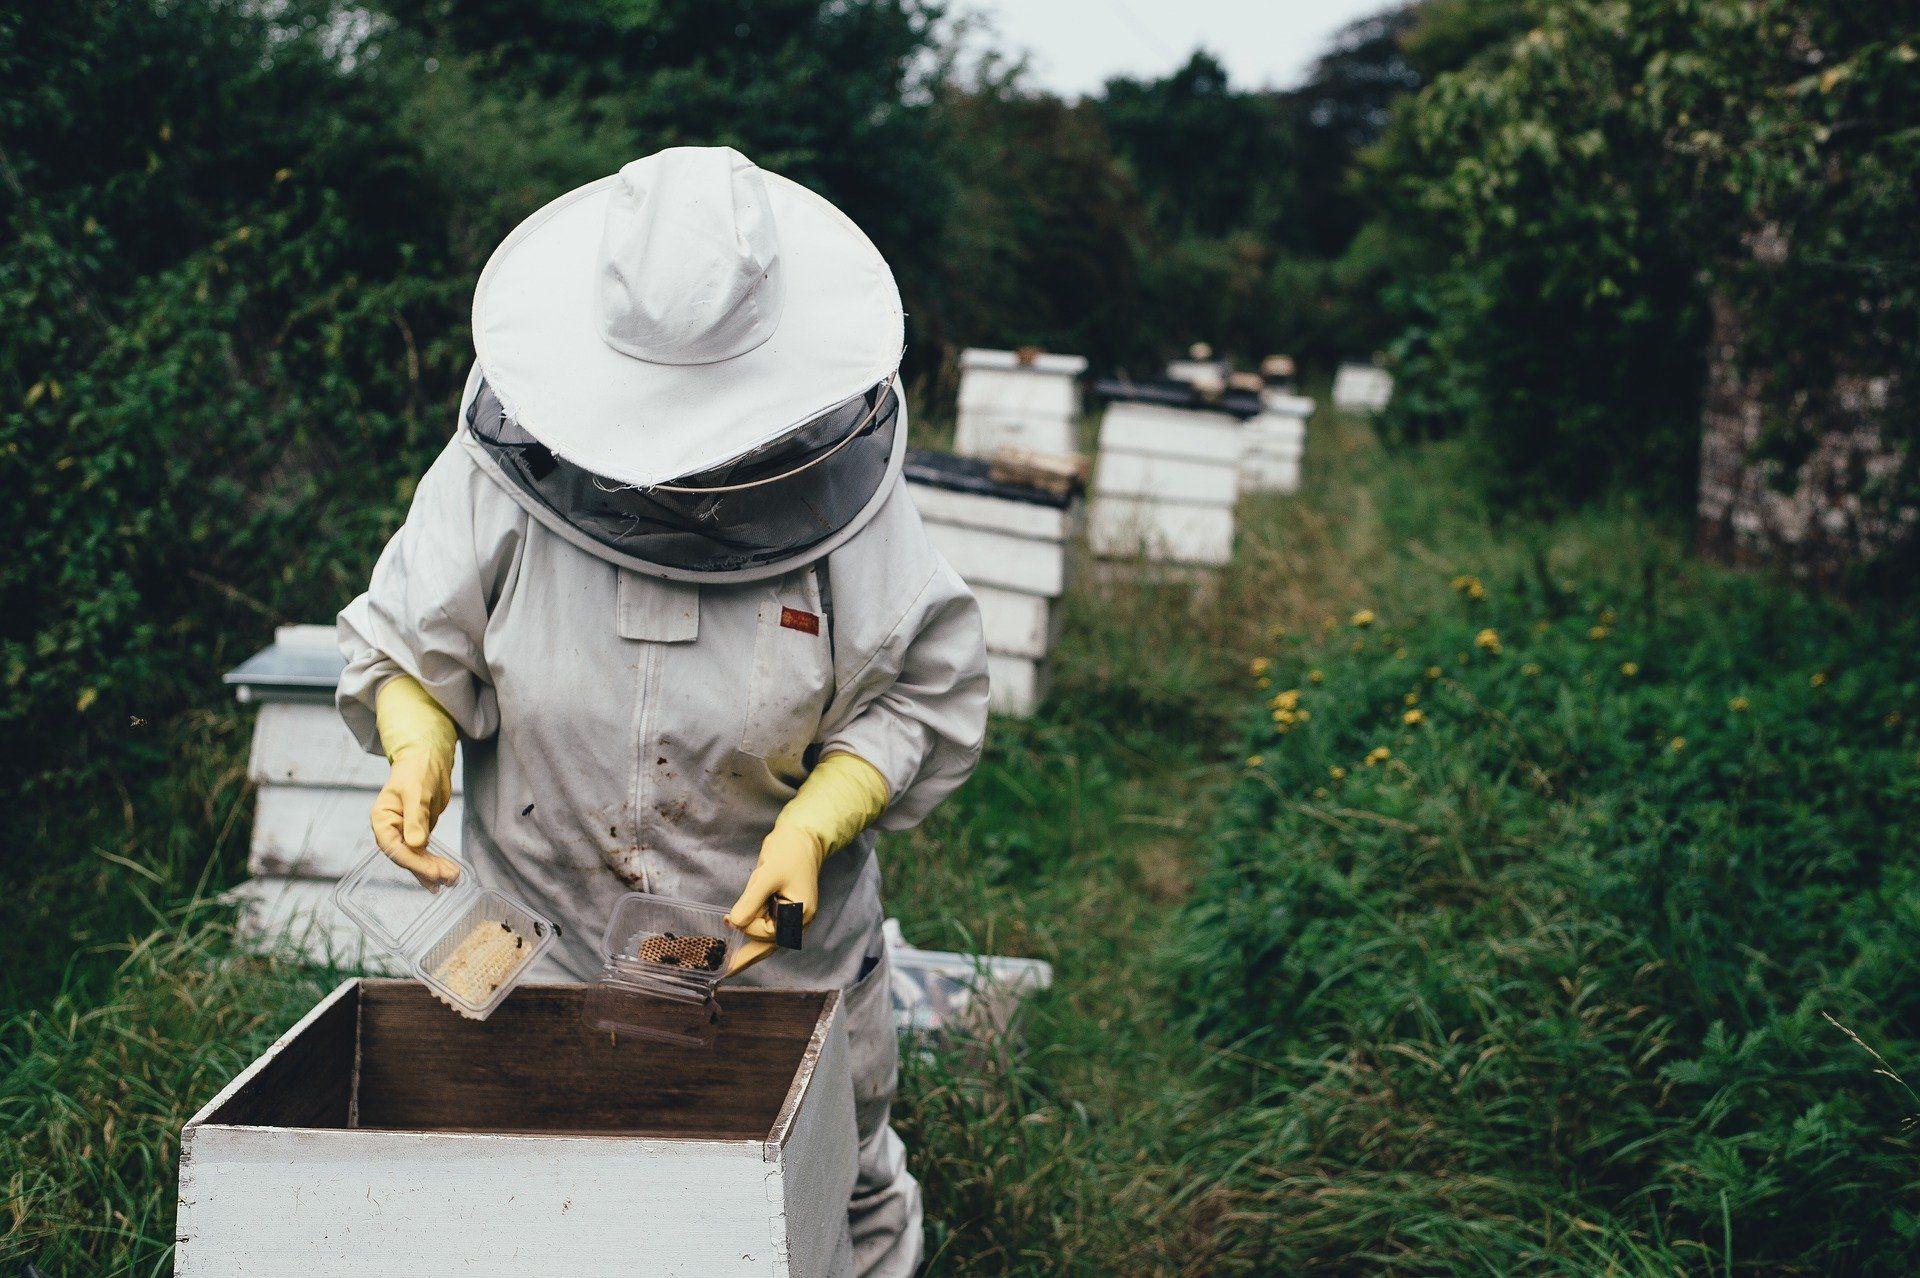 Die unglaubliche Nützlichkeit der Bienen rückt immer mehr in den öffentlichen Fokus